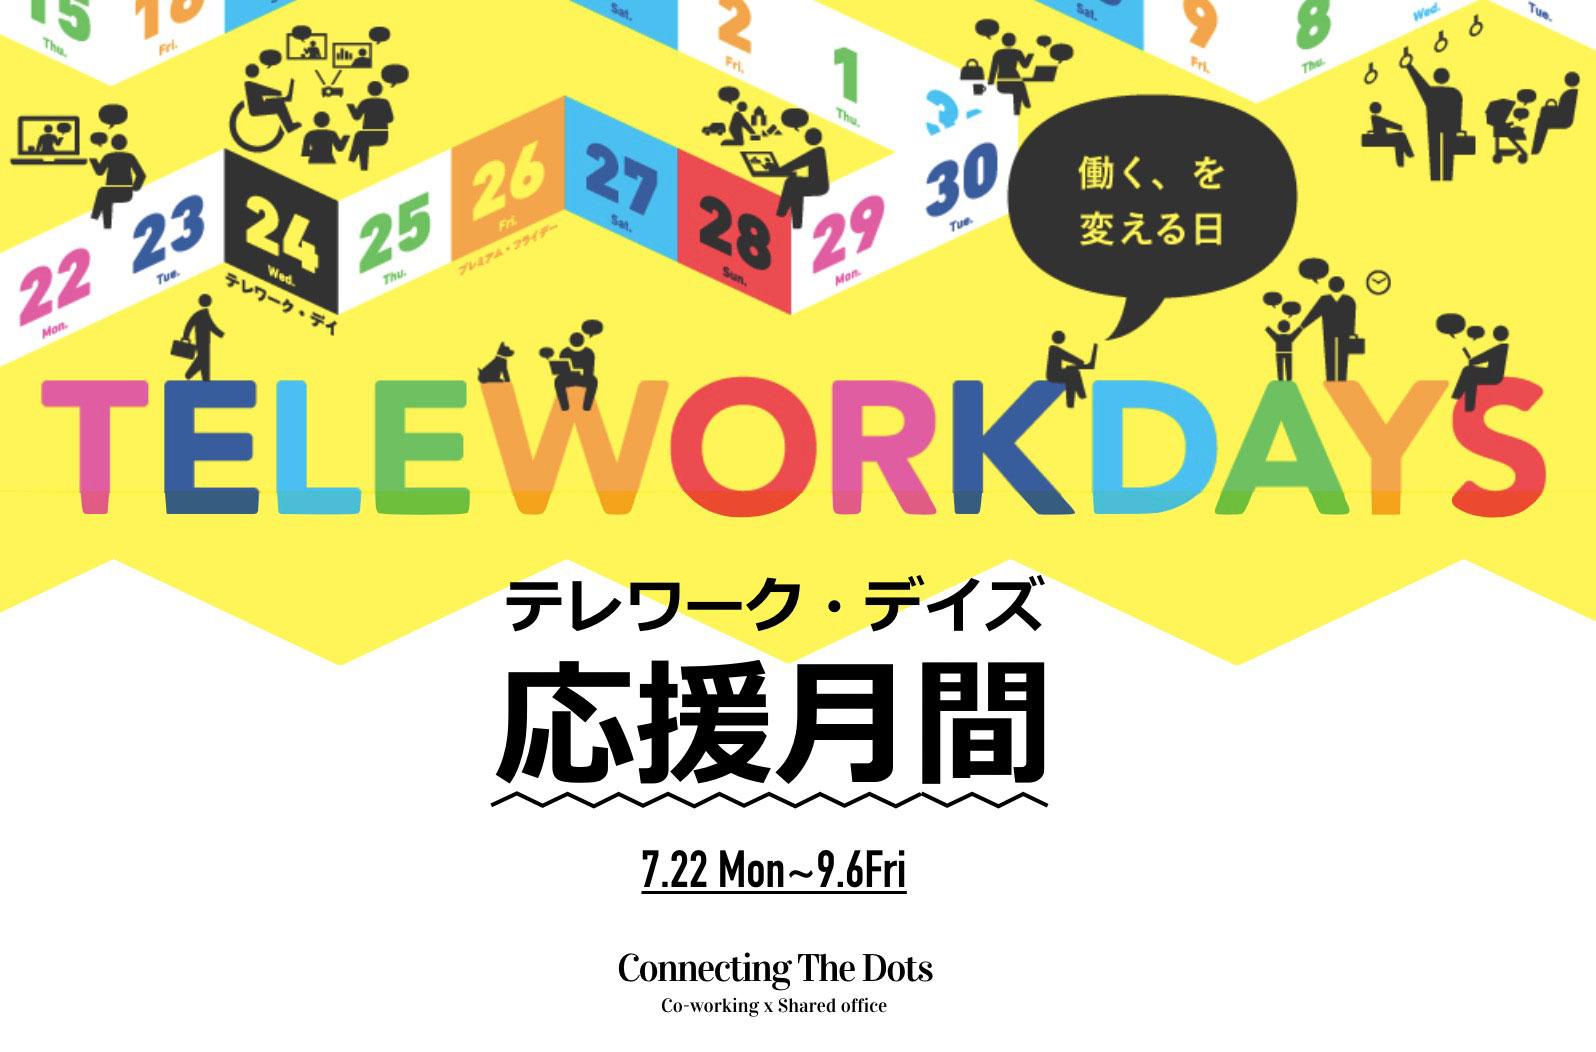 渋谷 シェアオフィス・コワーキング  テレワーク・デイズ